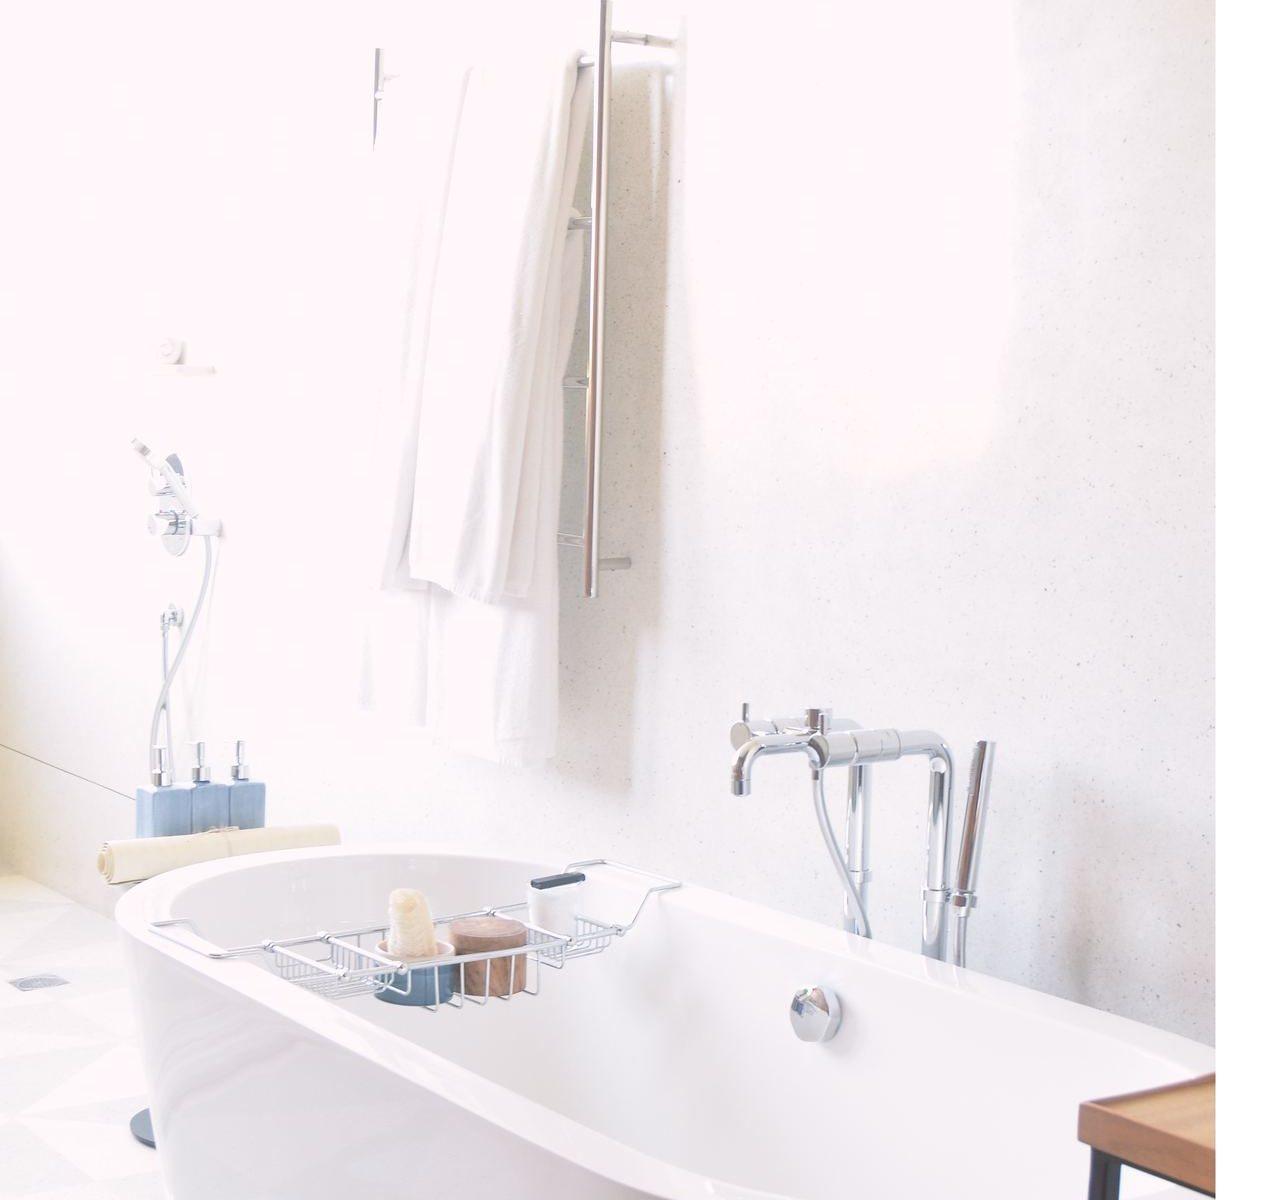 Maling af badekar - den hurtige og billige løsning